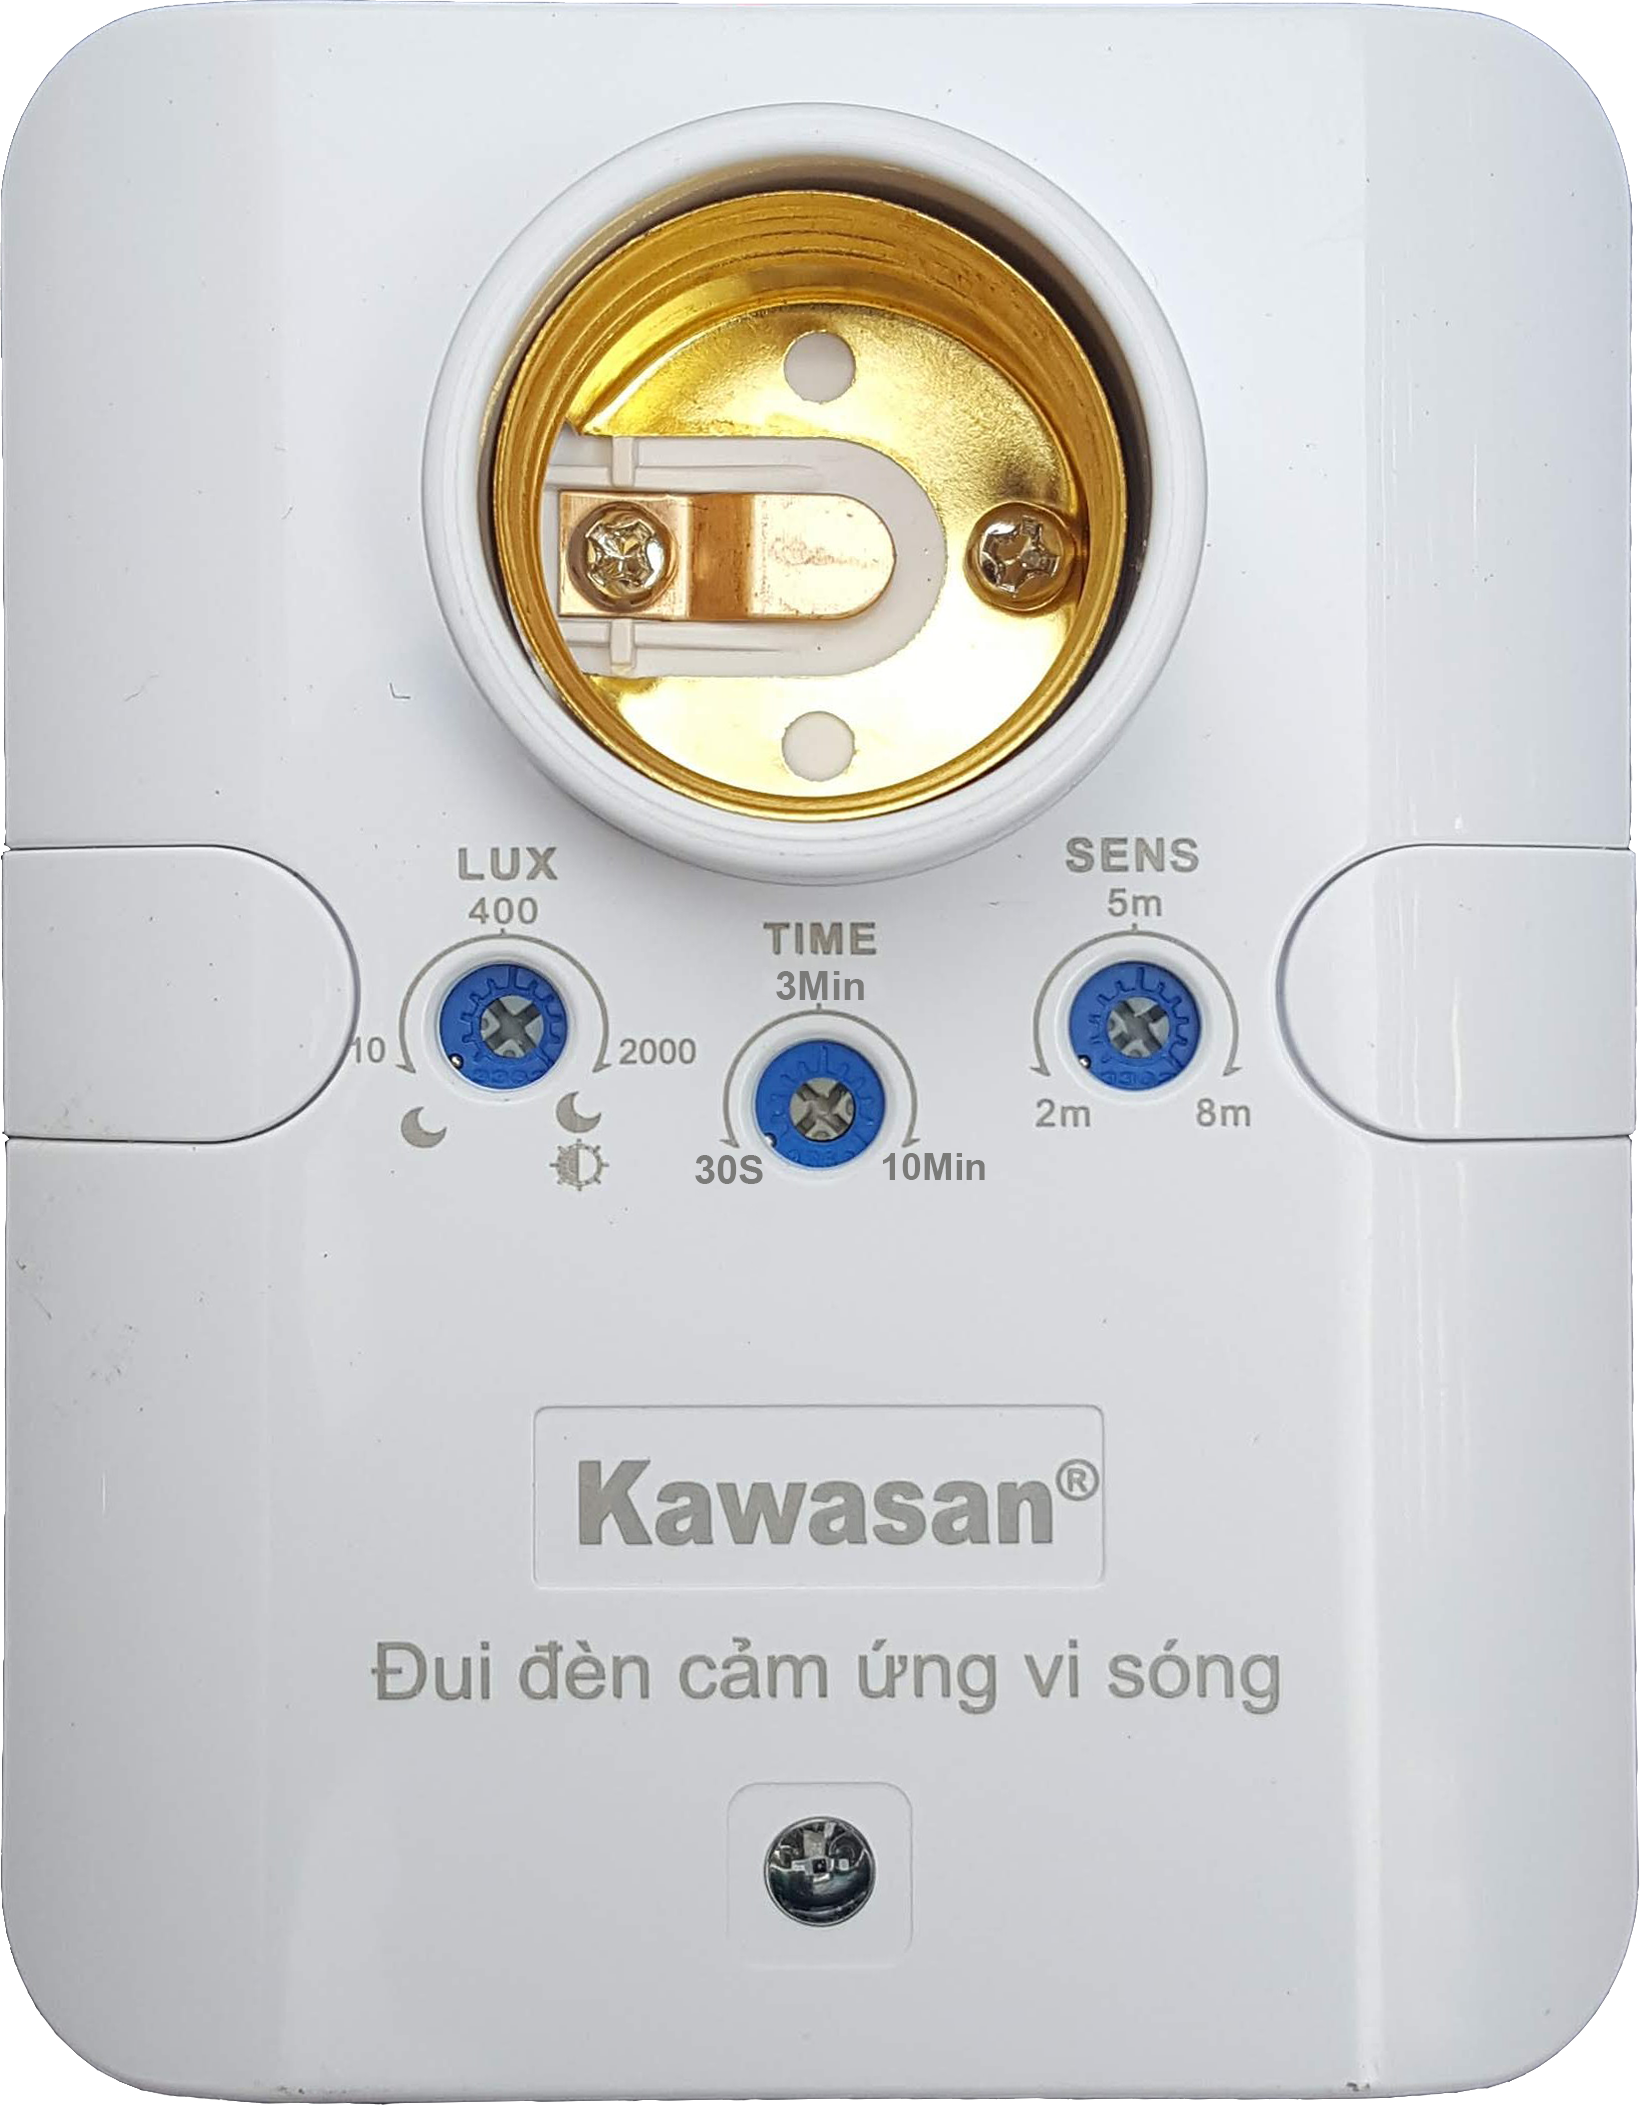 Dui Den Cam Ung Rs686c